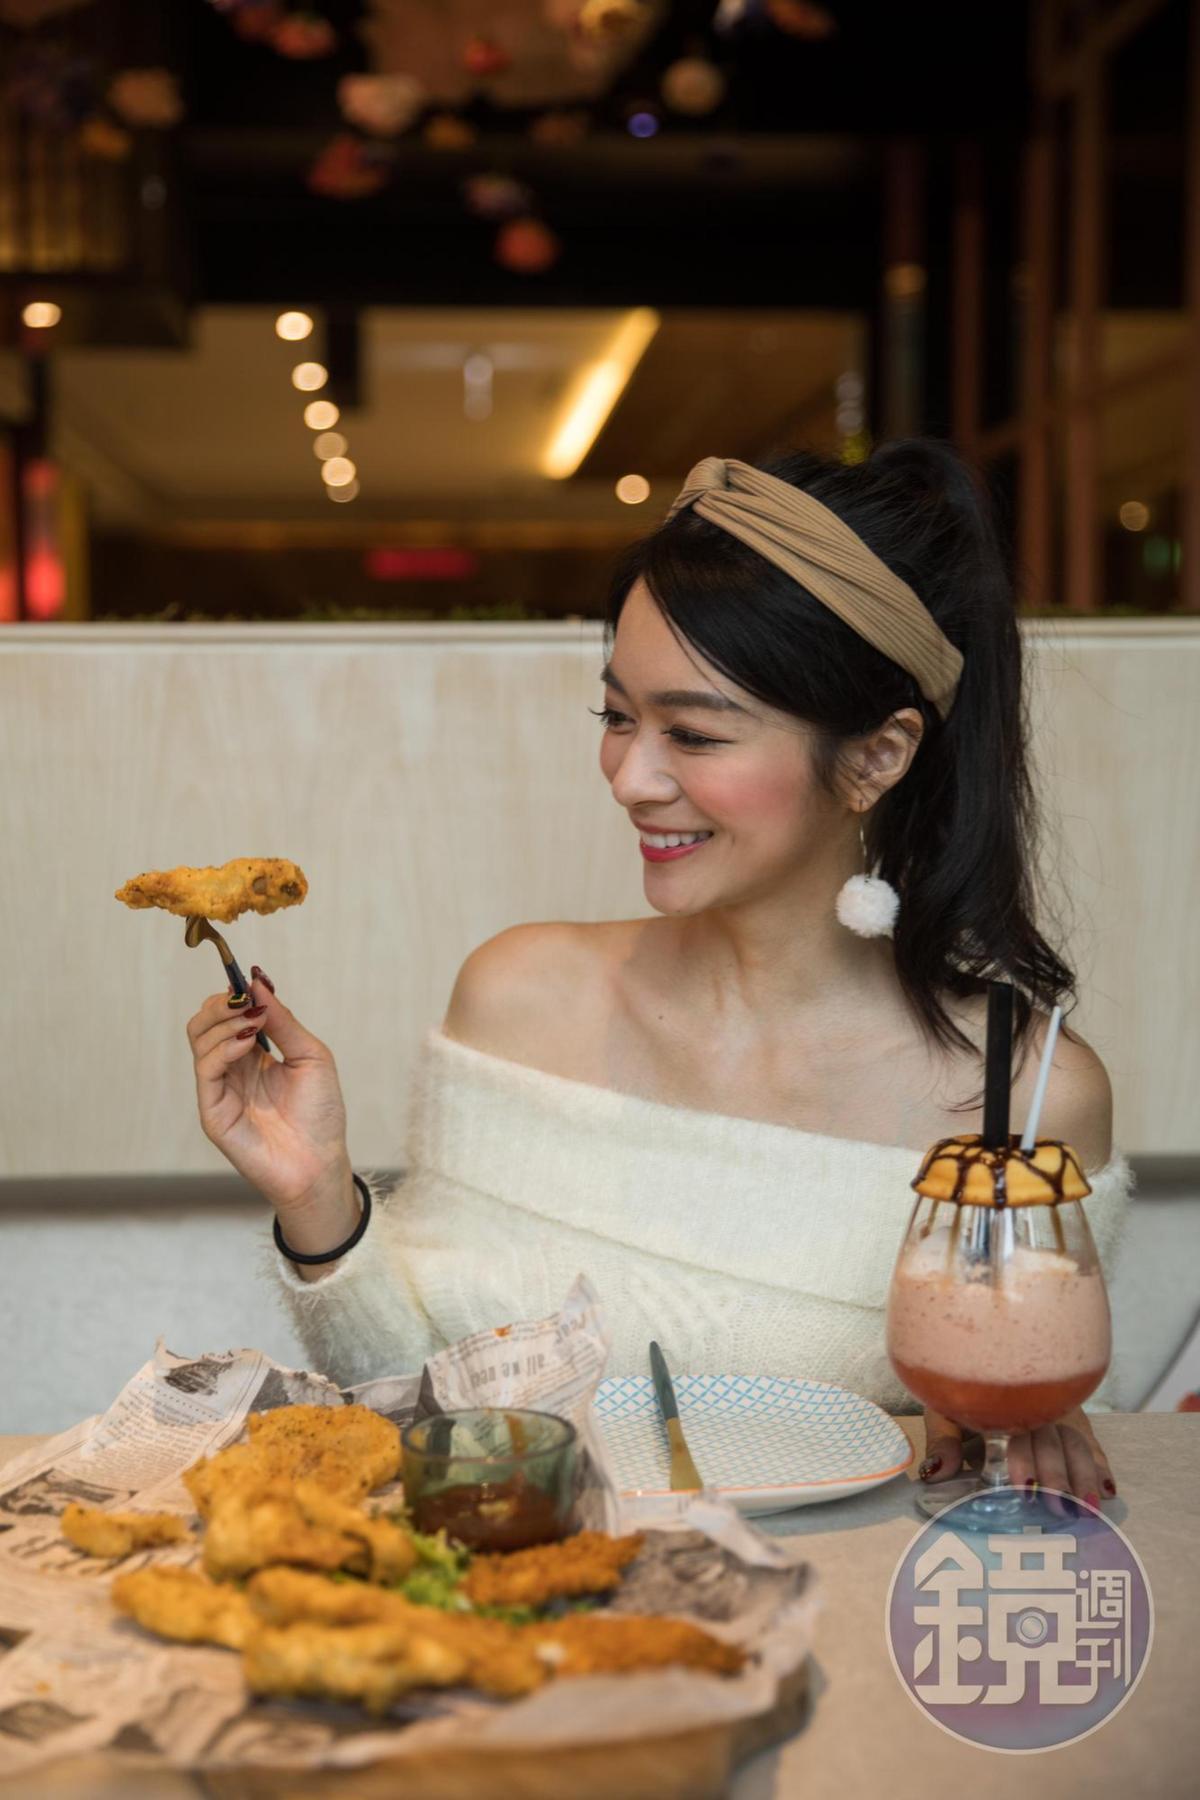 IG有3萬多名粉絲的「特盛吃貨女孩」Celine來用餐,下酒菜的份量果然也很特盛。